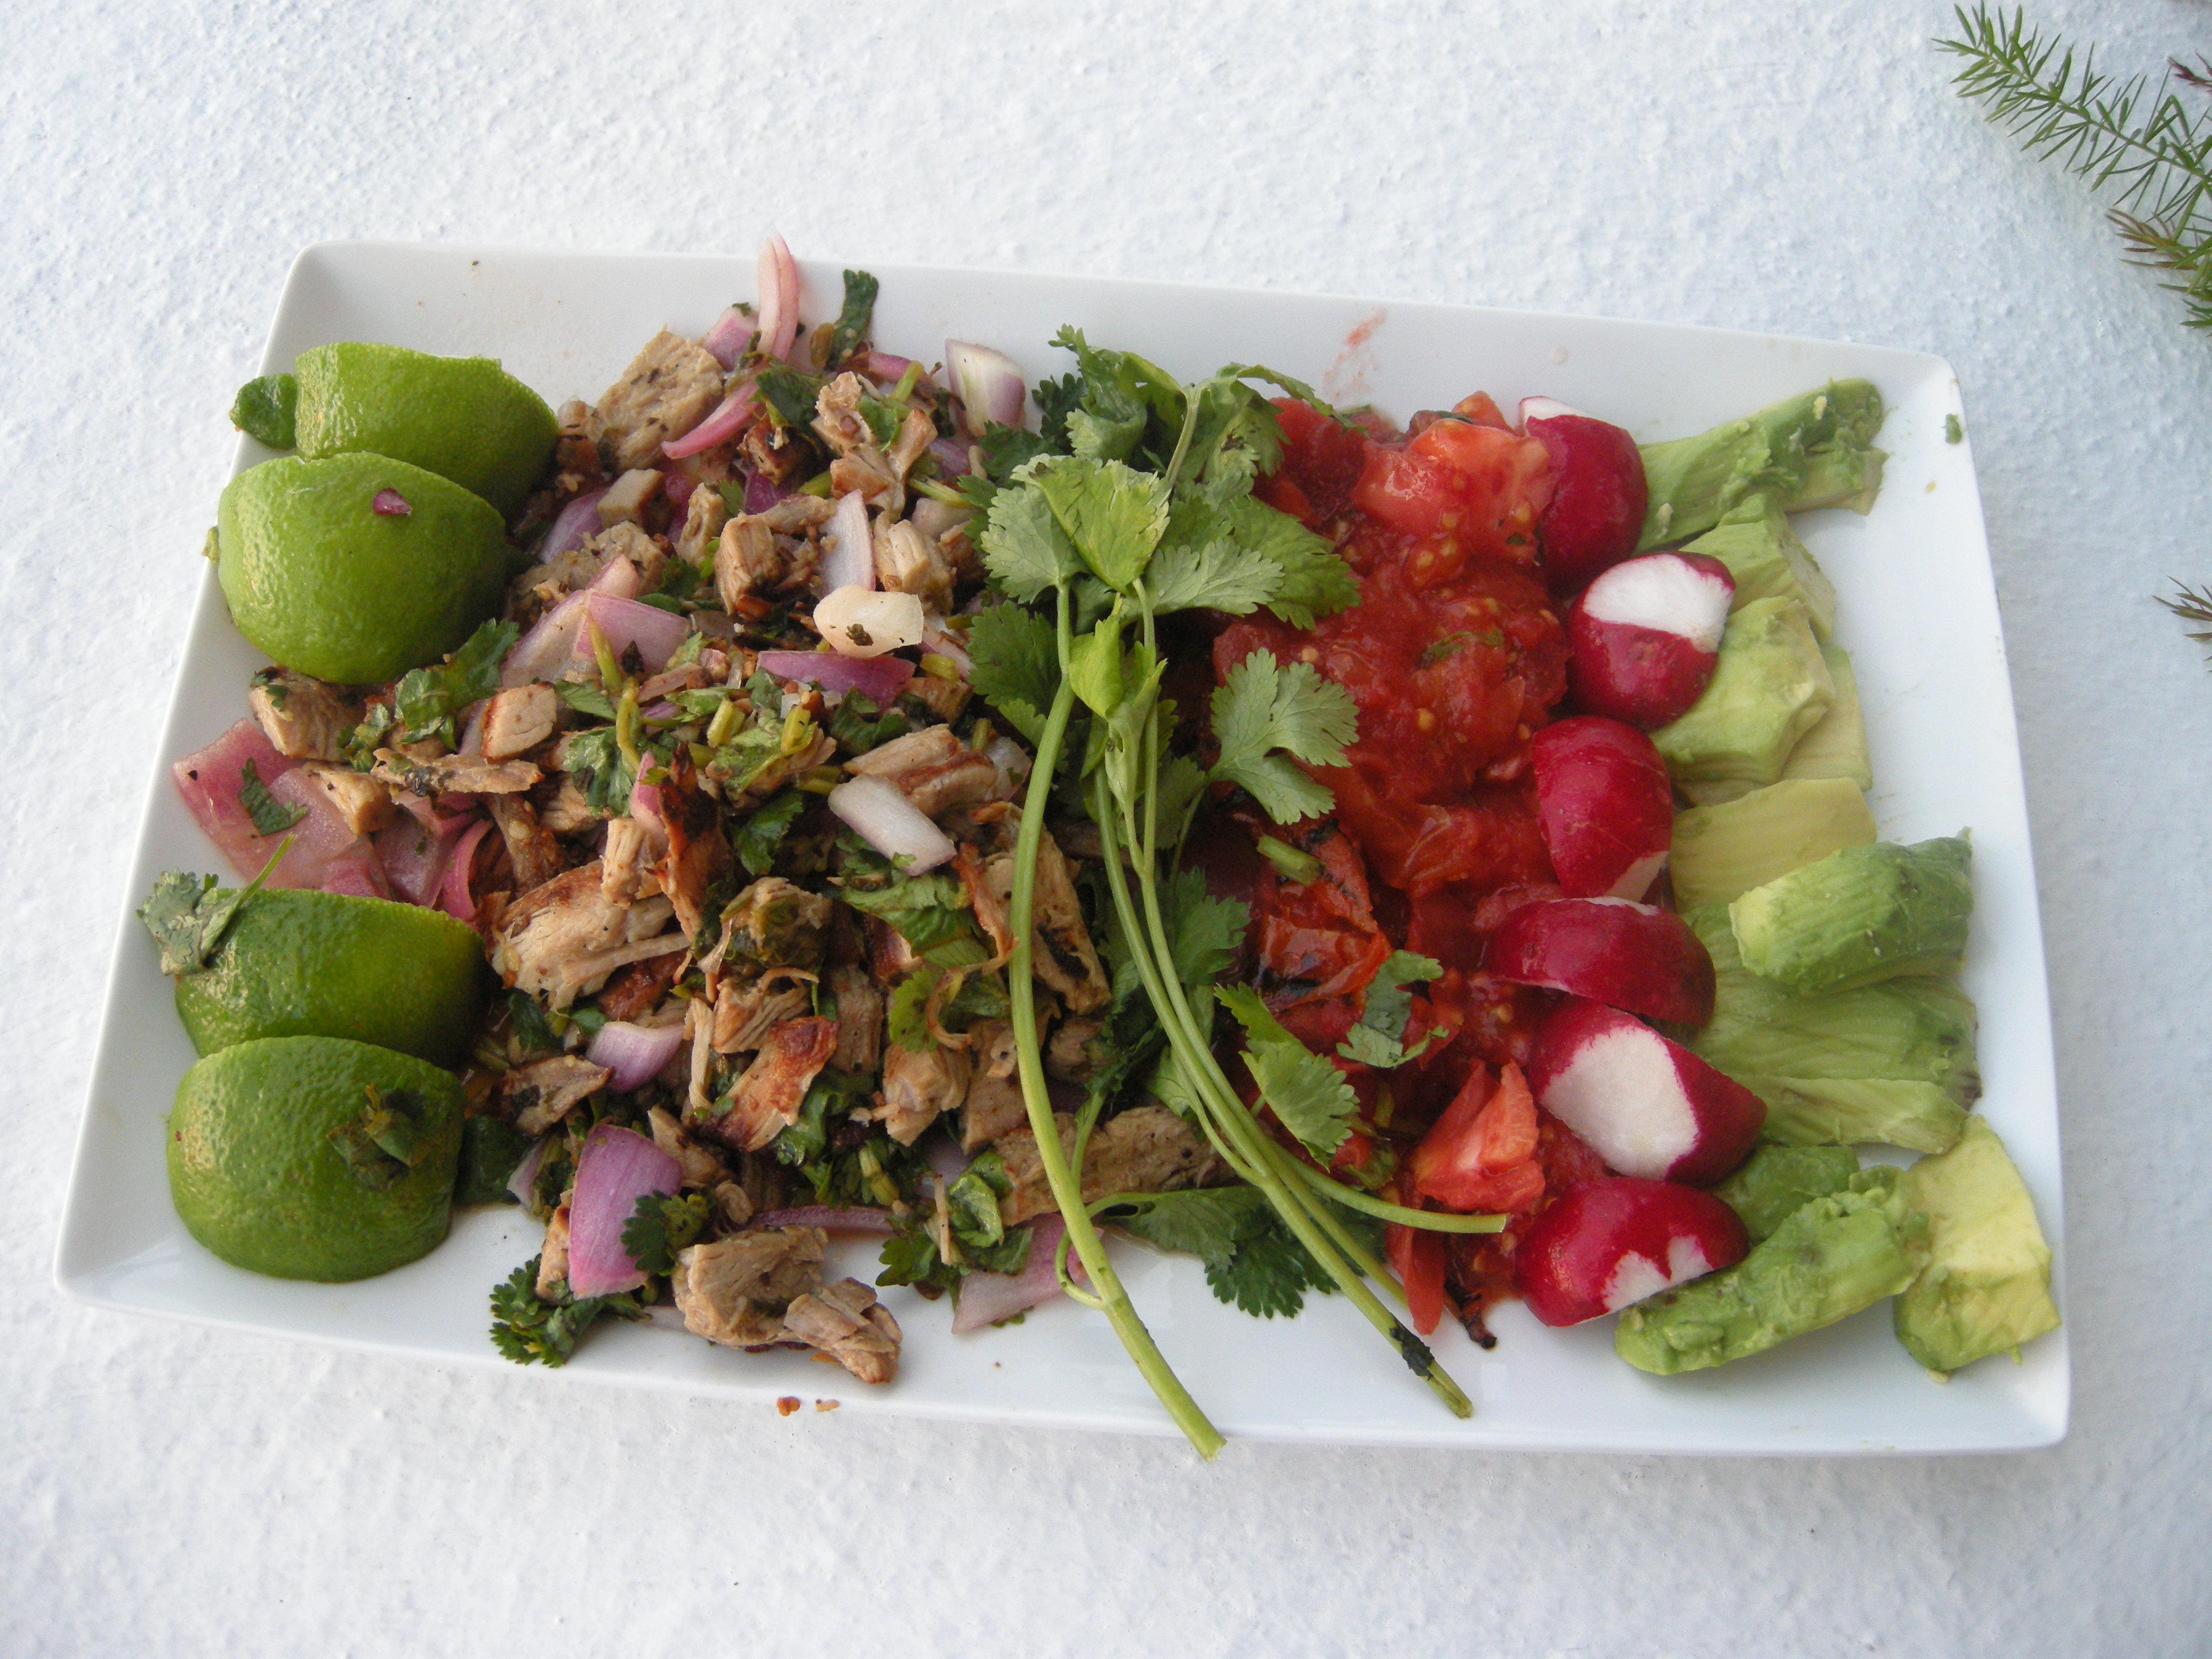 Viande cuisine mexique for Ajk chinese cuisine